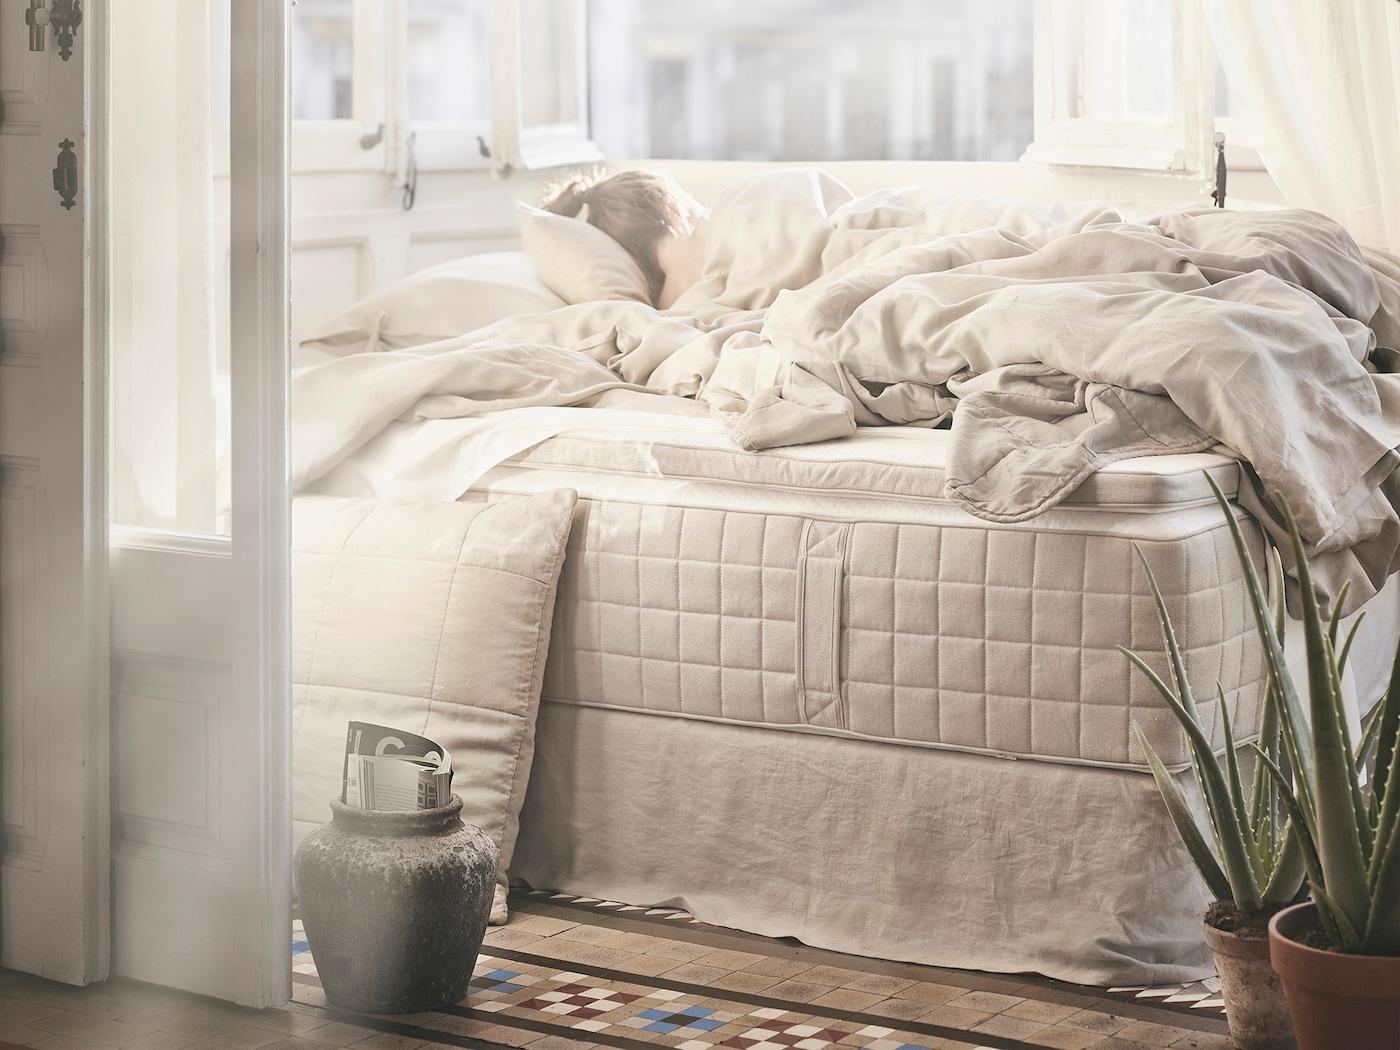 Ikea Descanso Colchones Online Y Camas Compra OZiTPkuXlw